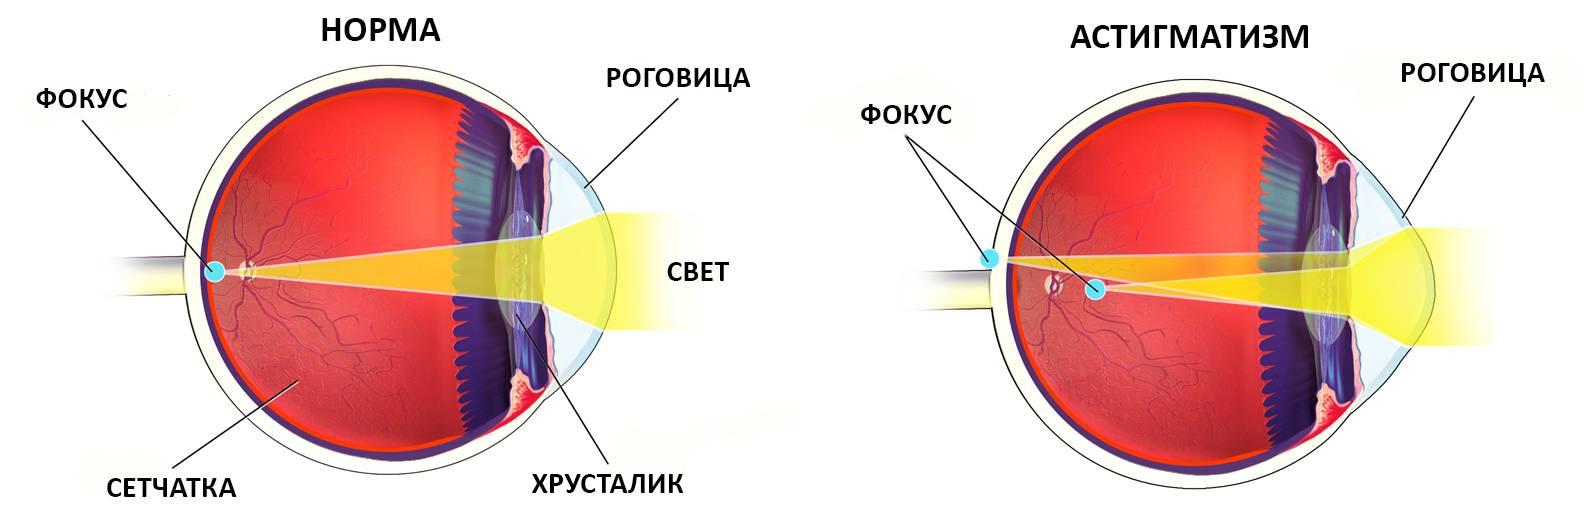 Смешанный астигматизм одного и обоих глаз: что это такое, причины, симптомы, лечение, диагностика, профилактика